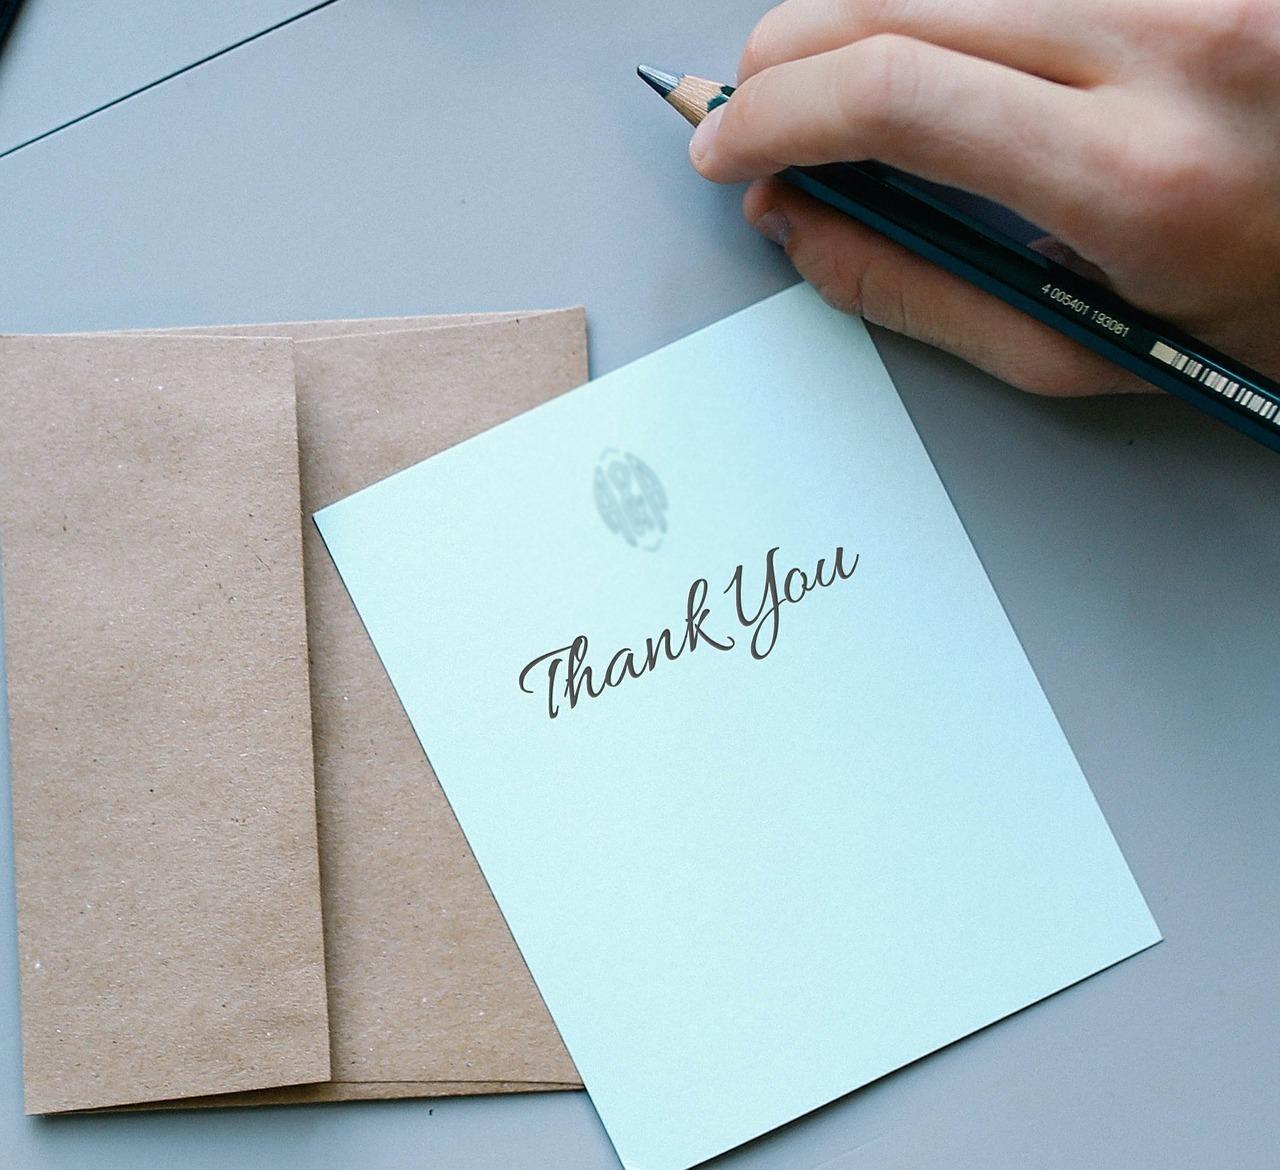 「thank you」と書かれた手紙